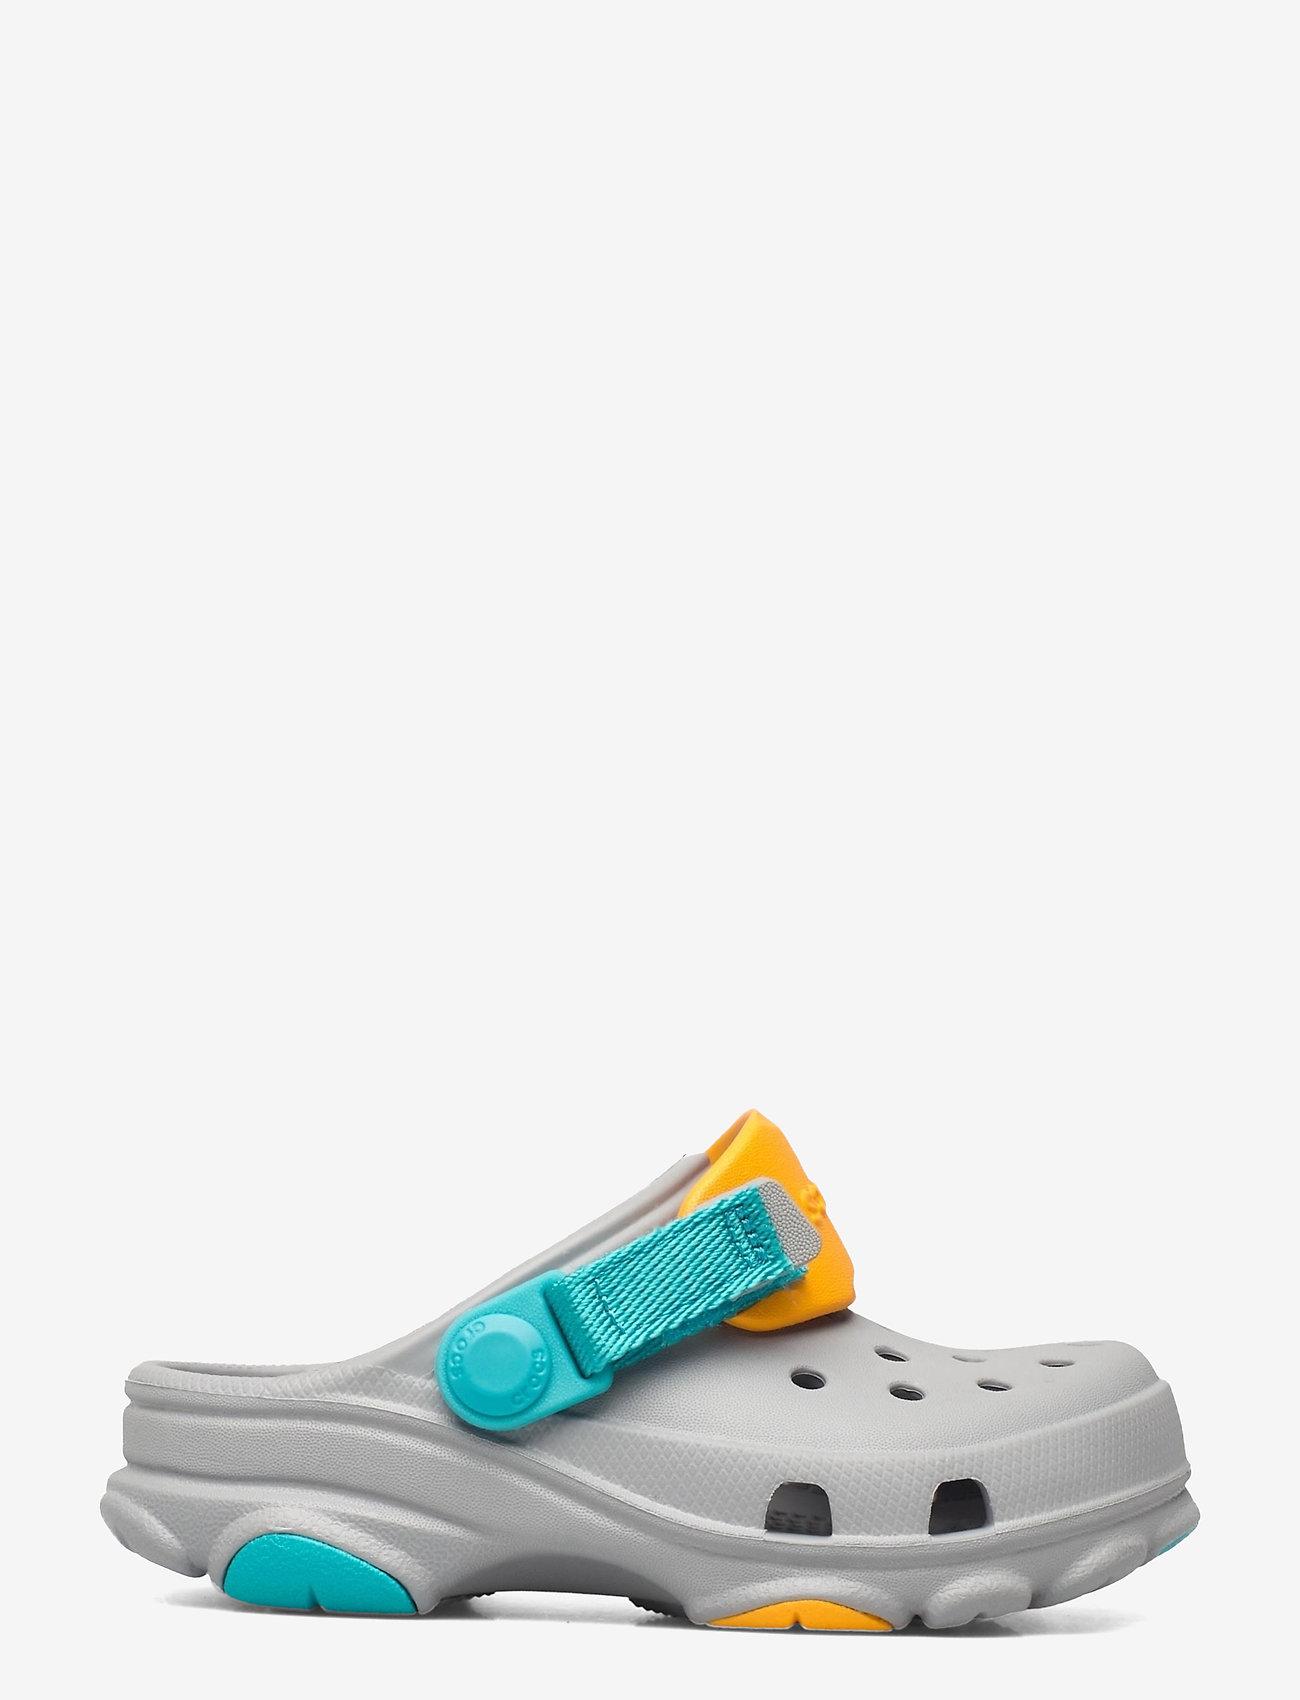 Crocs - Classic All-Terrain Clog K - light grey - 1